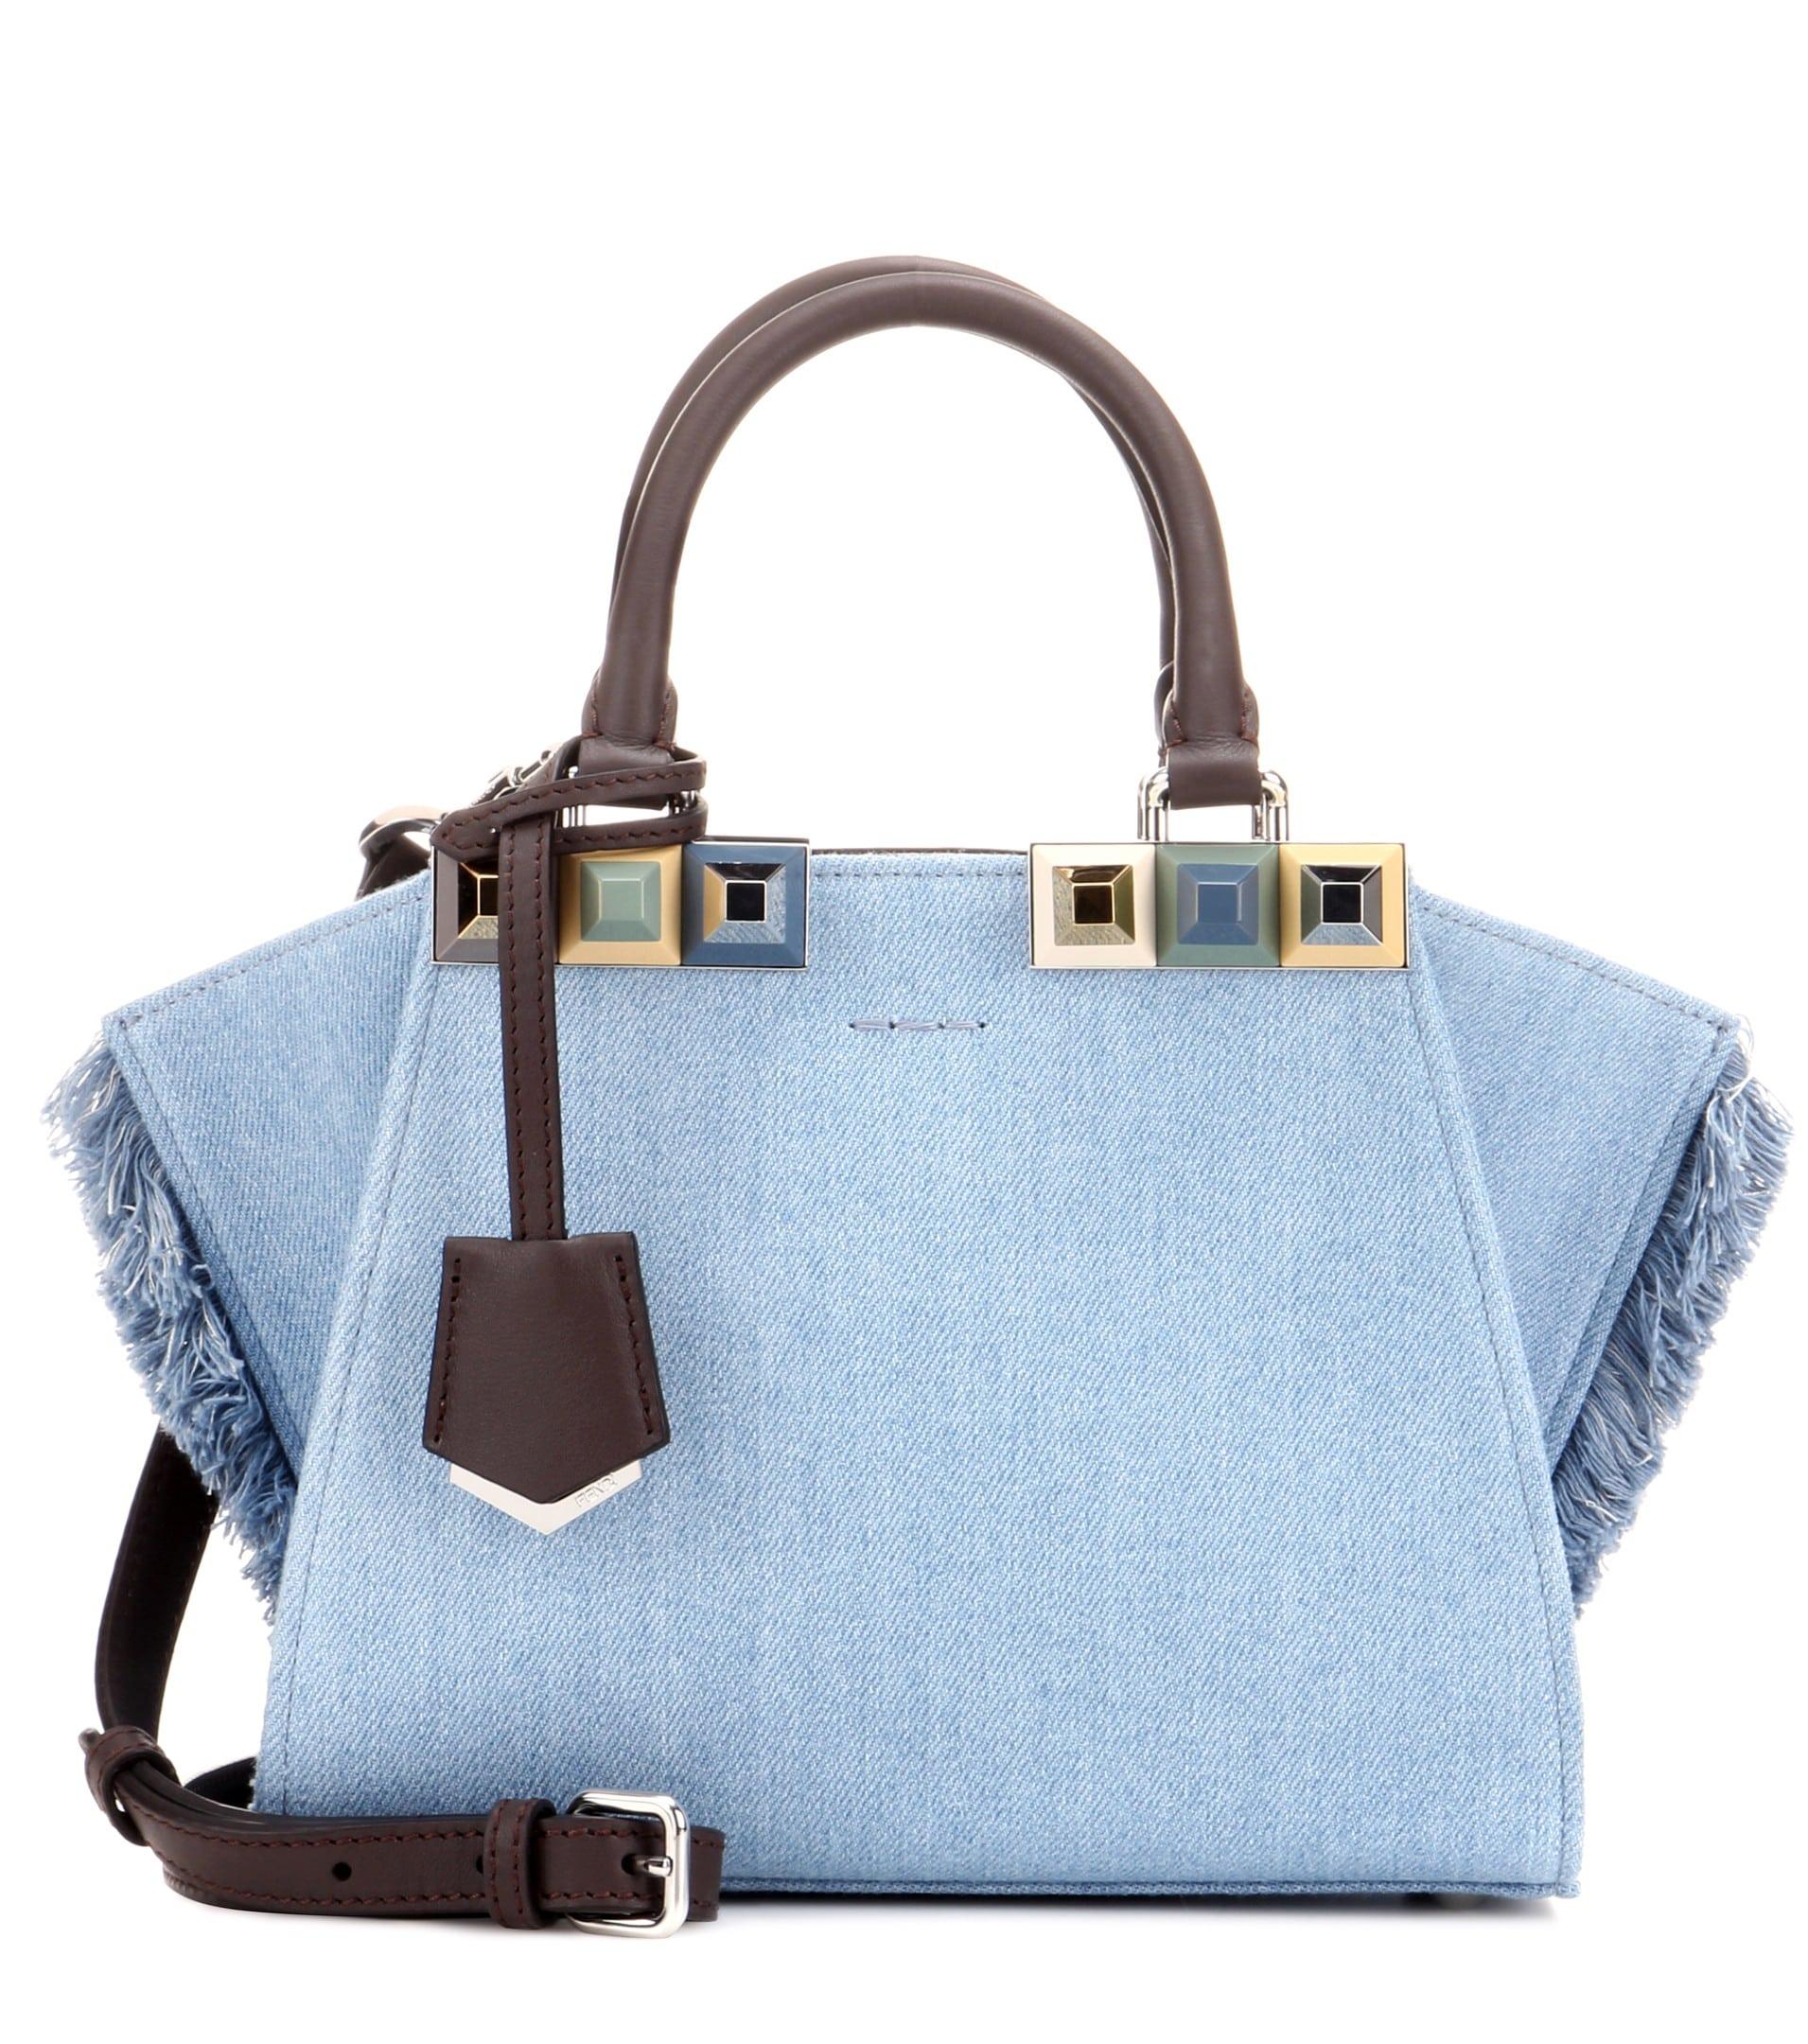 fendi spring summer 2017 bag collection spotted fashion. Black Bedroom Furniture Sets. Home Design Ideas